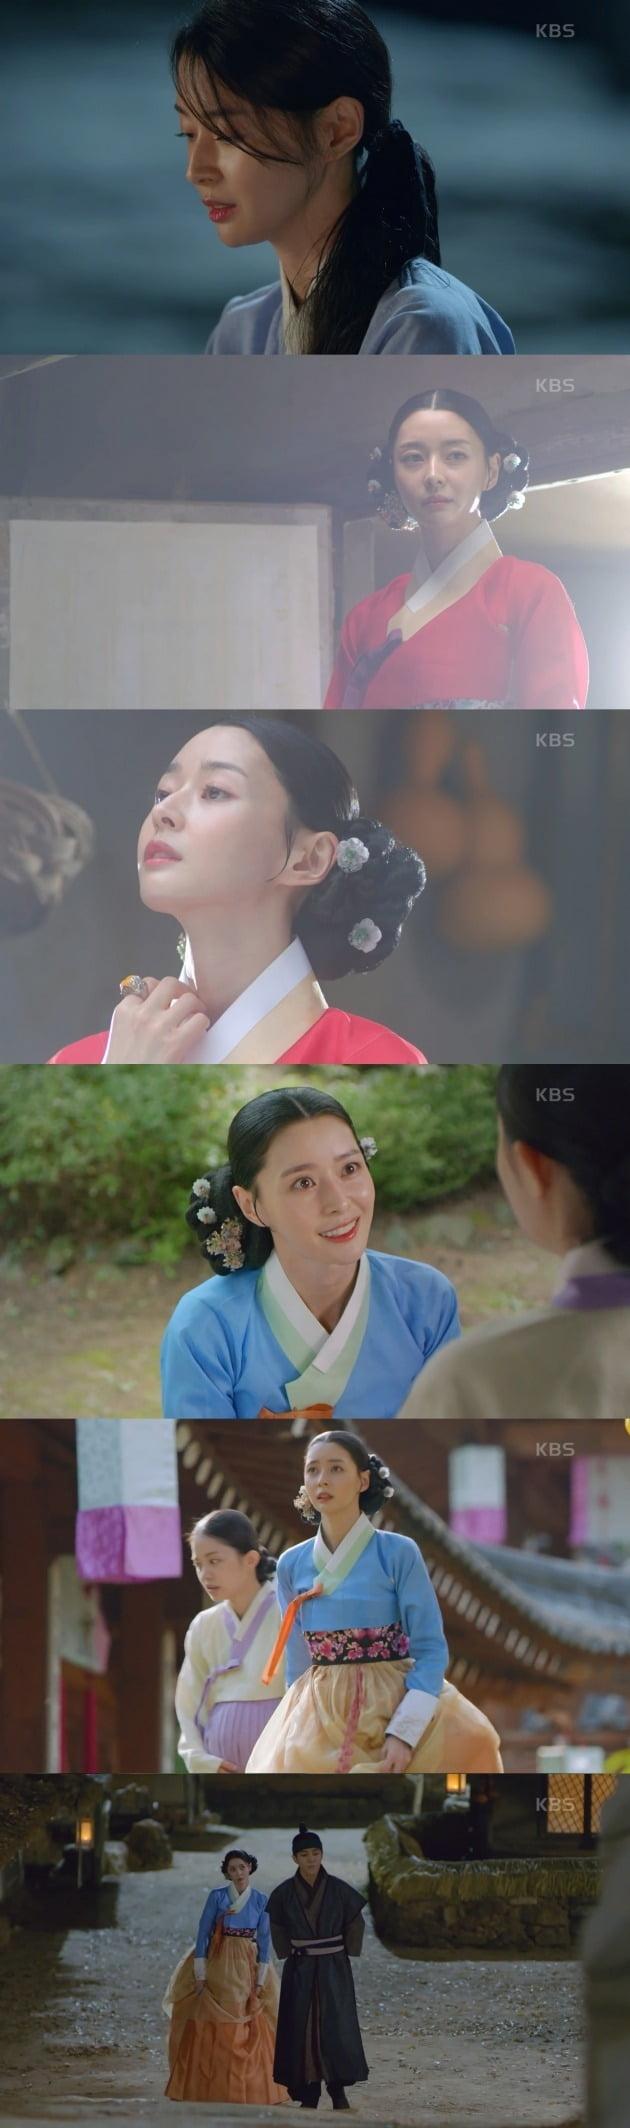 사진=KBS '암행어사' 방송 화면.